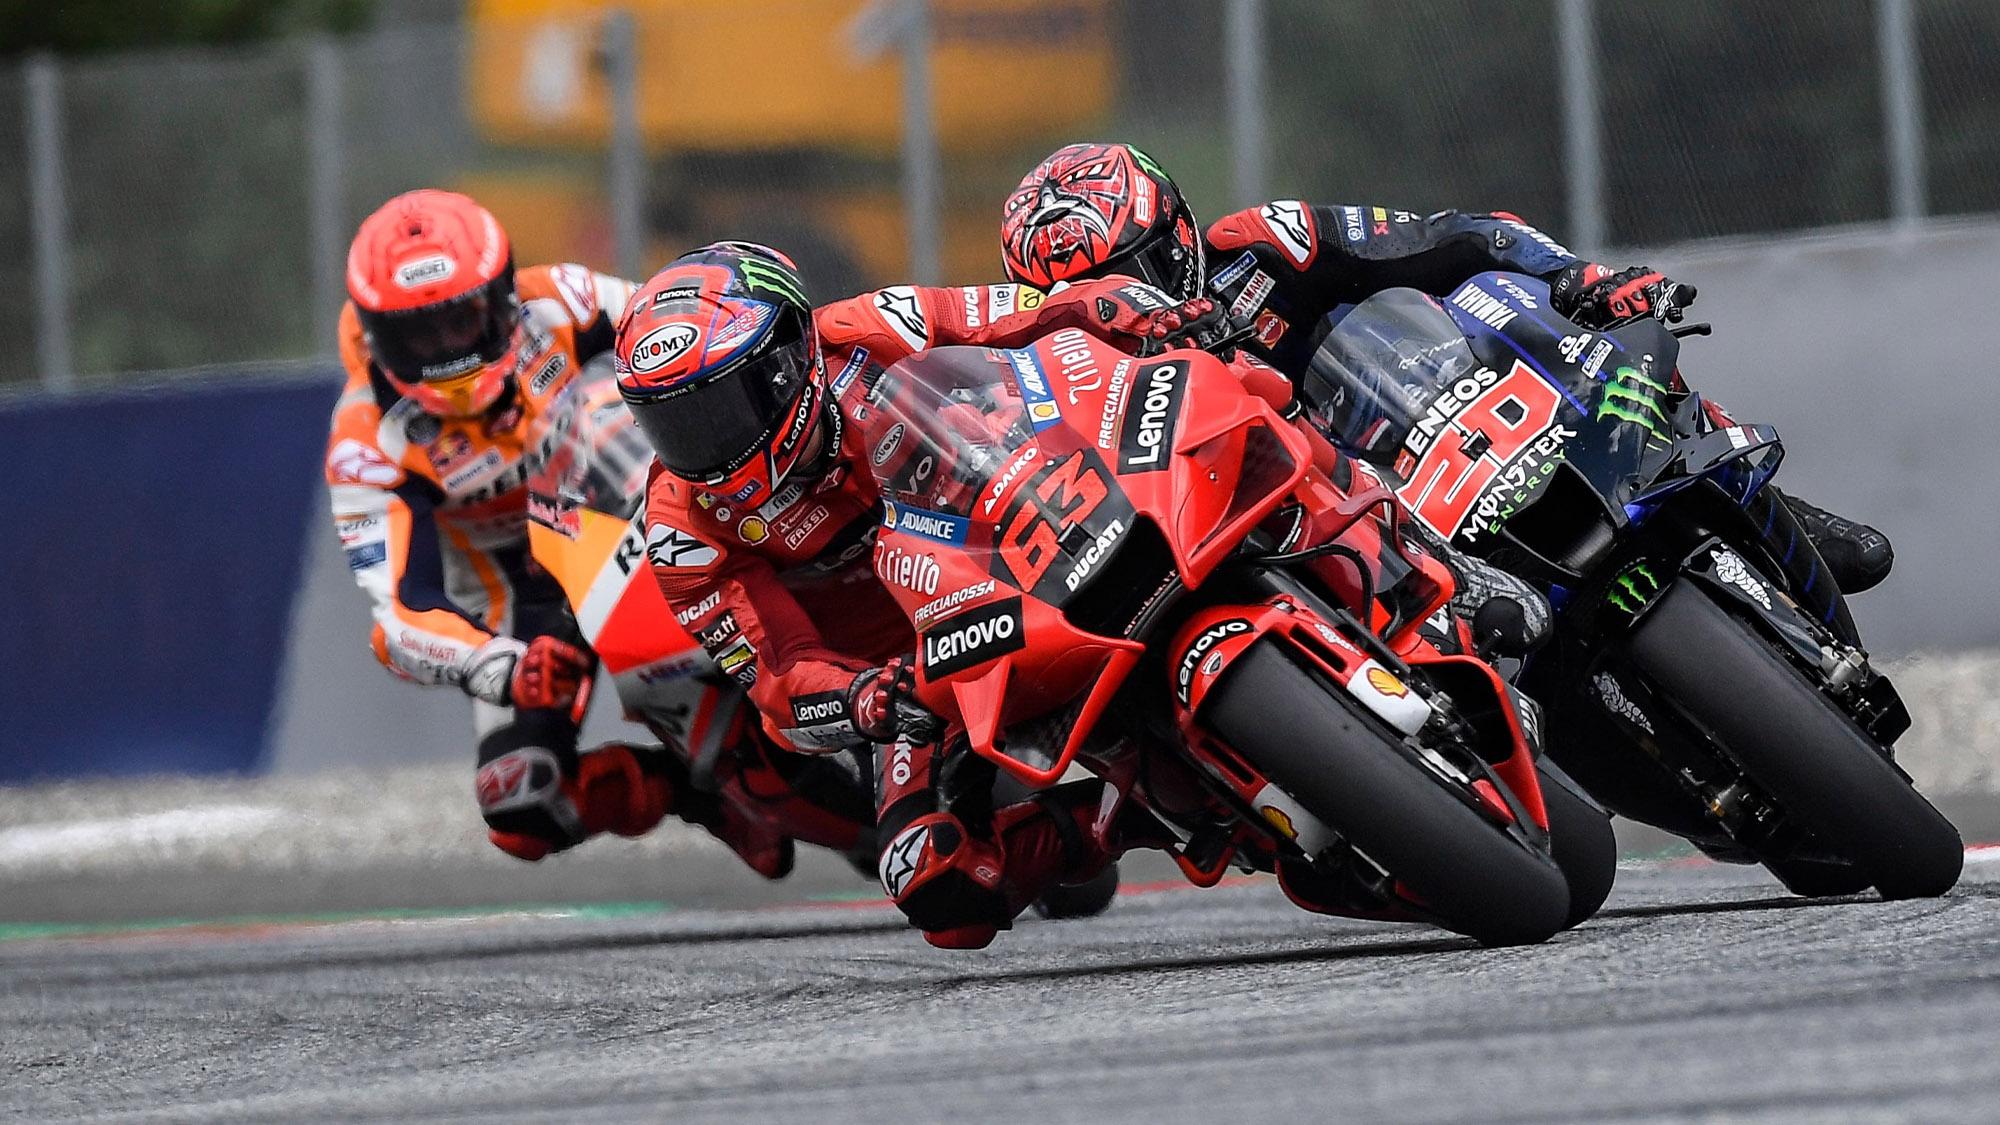 Bagnaia Quartararo Marquez in the 2021 MotoGP Austrian GP